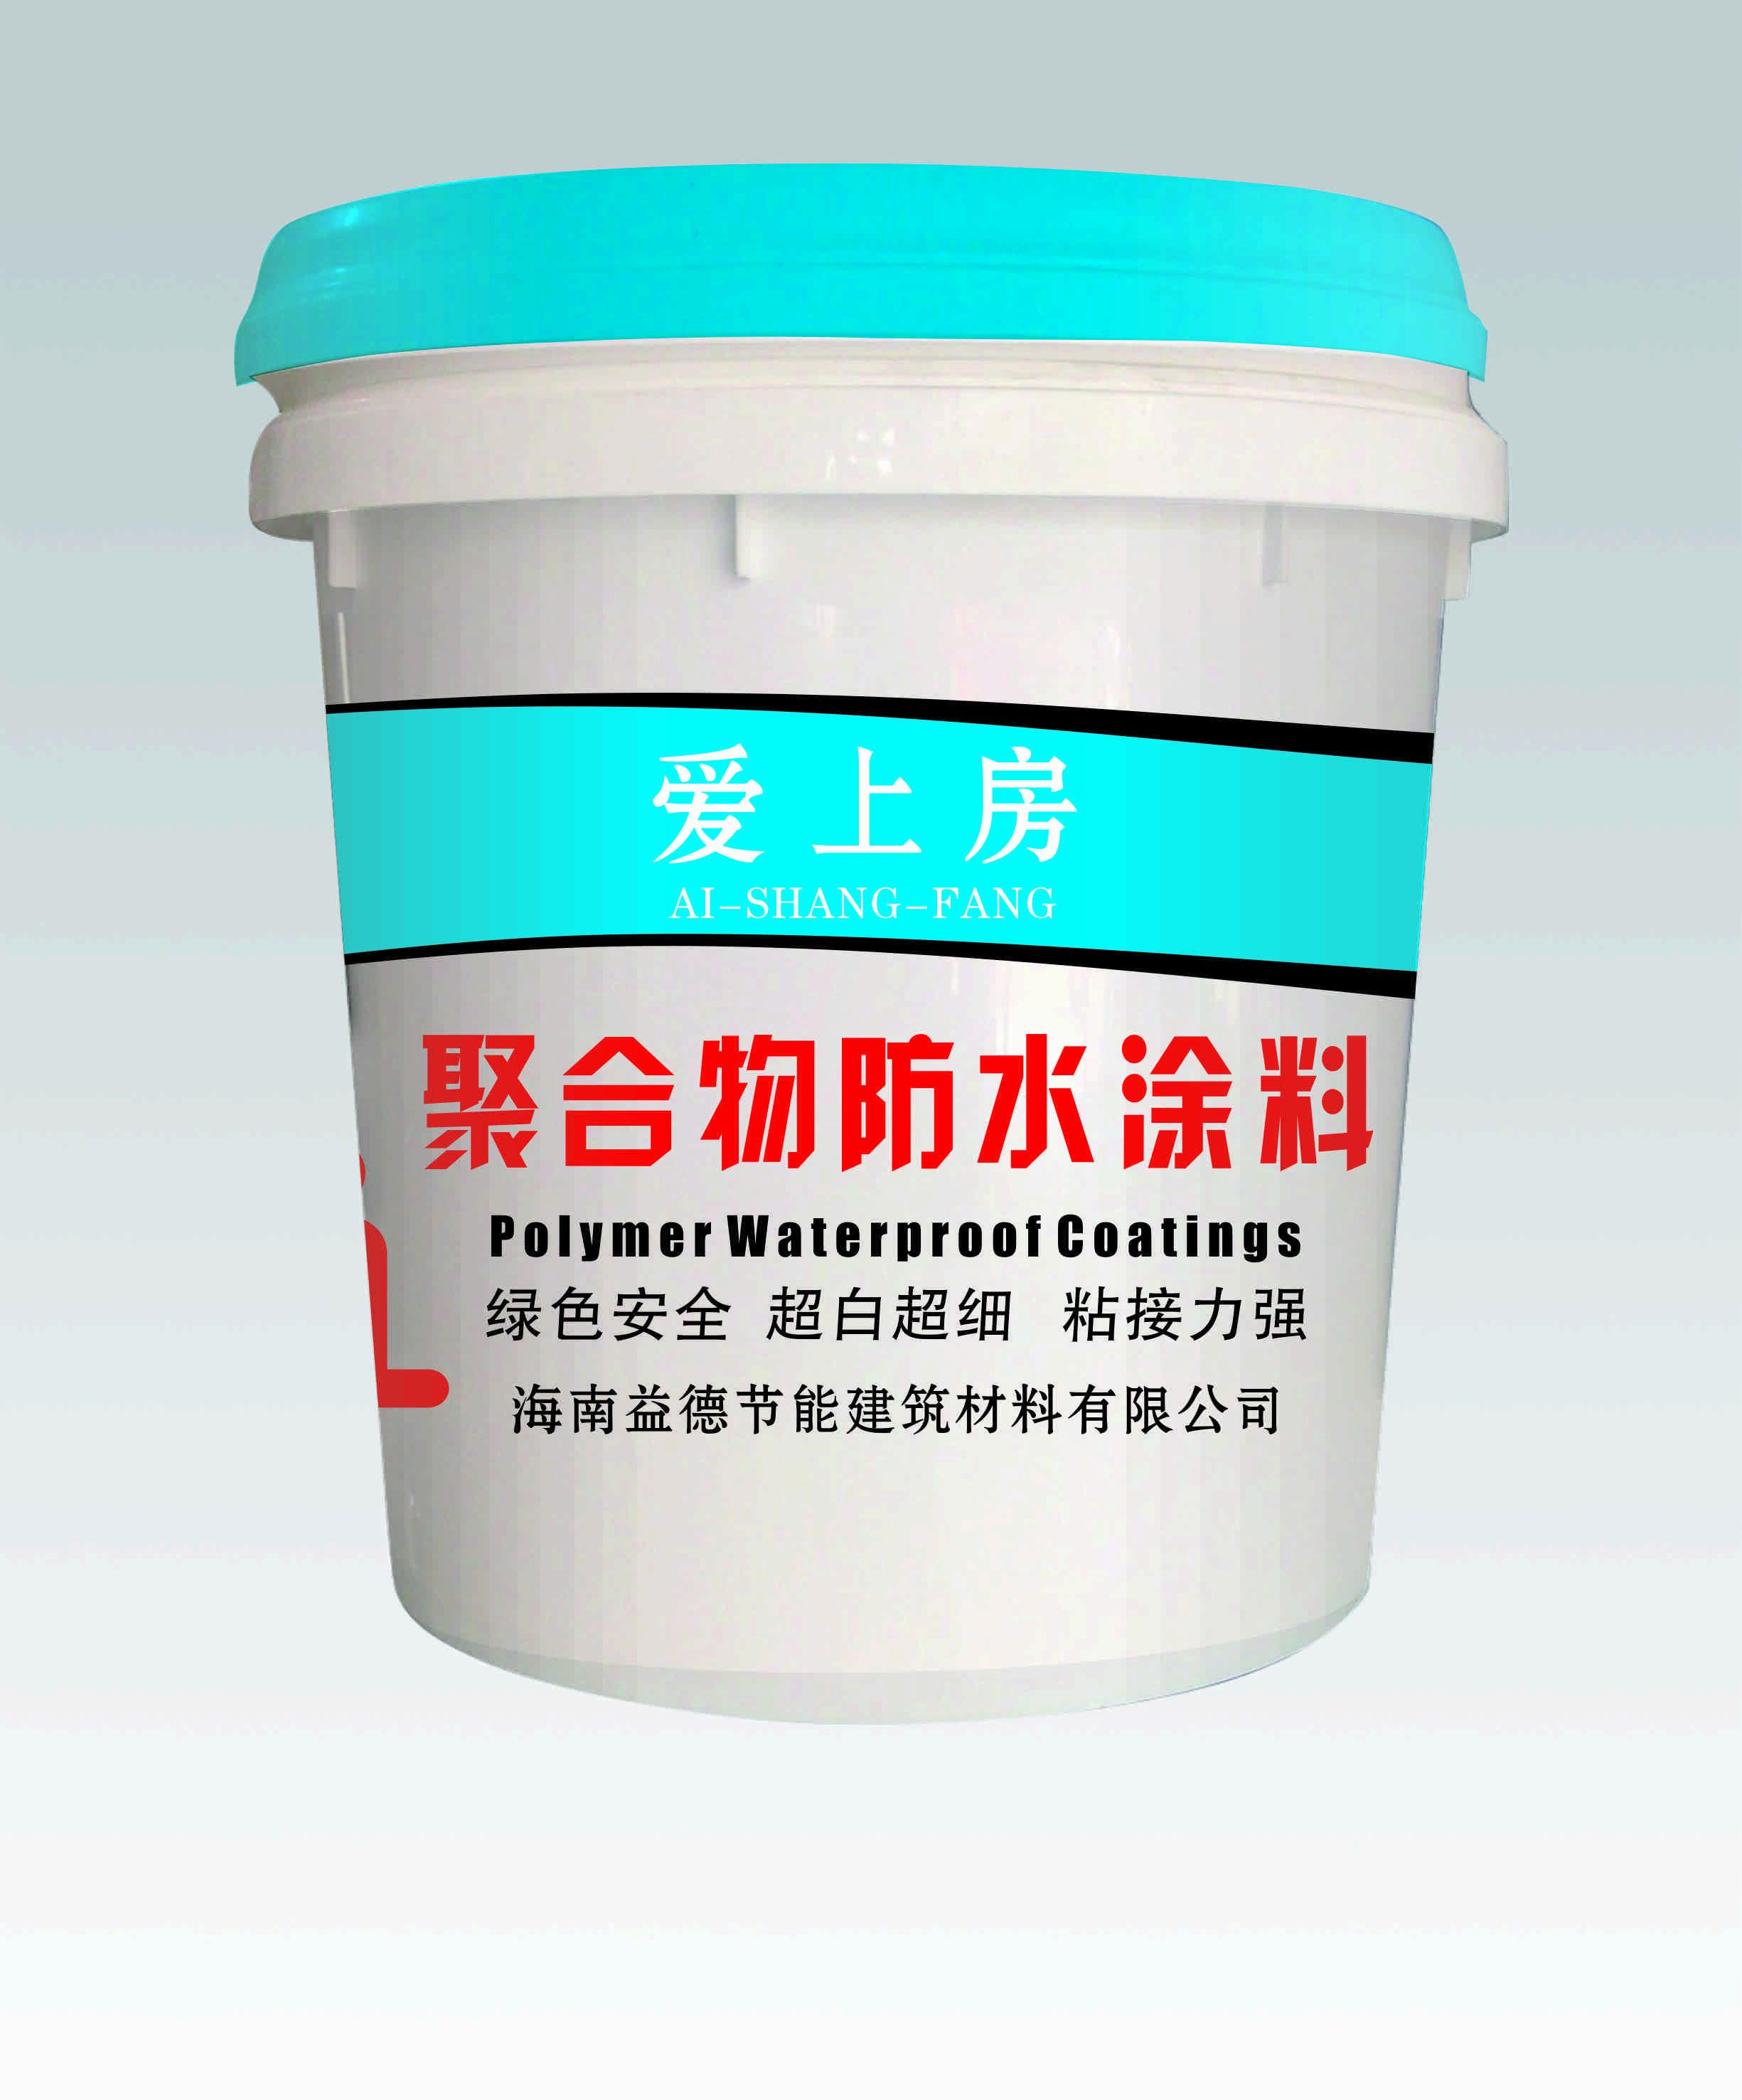 聚合物水泥防水涂料 RG-21